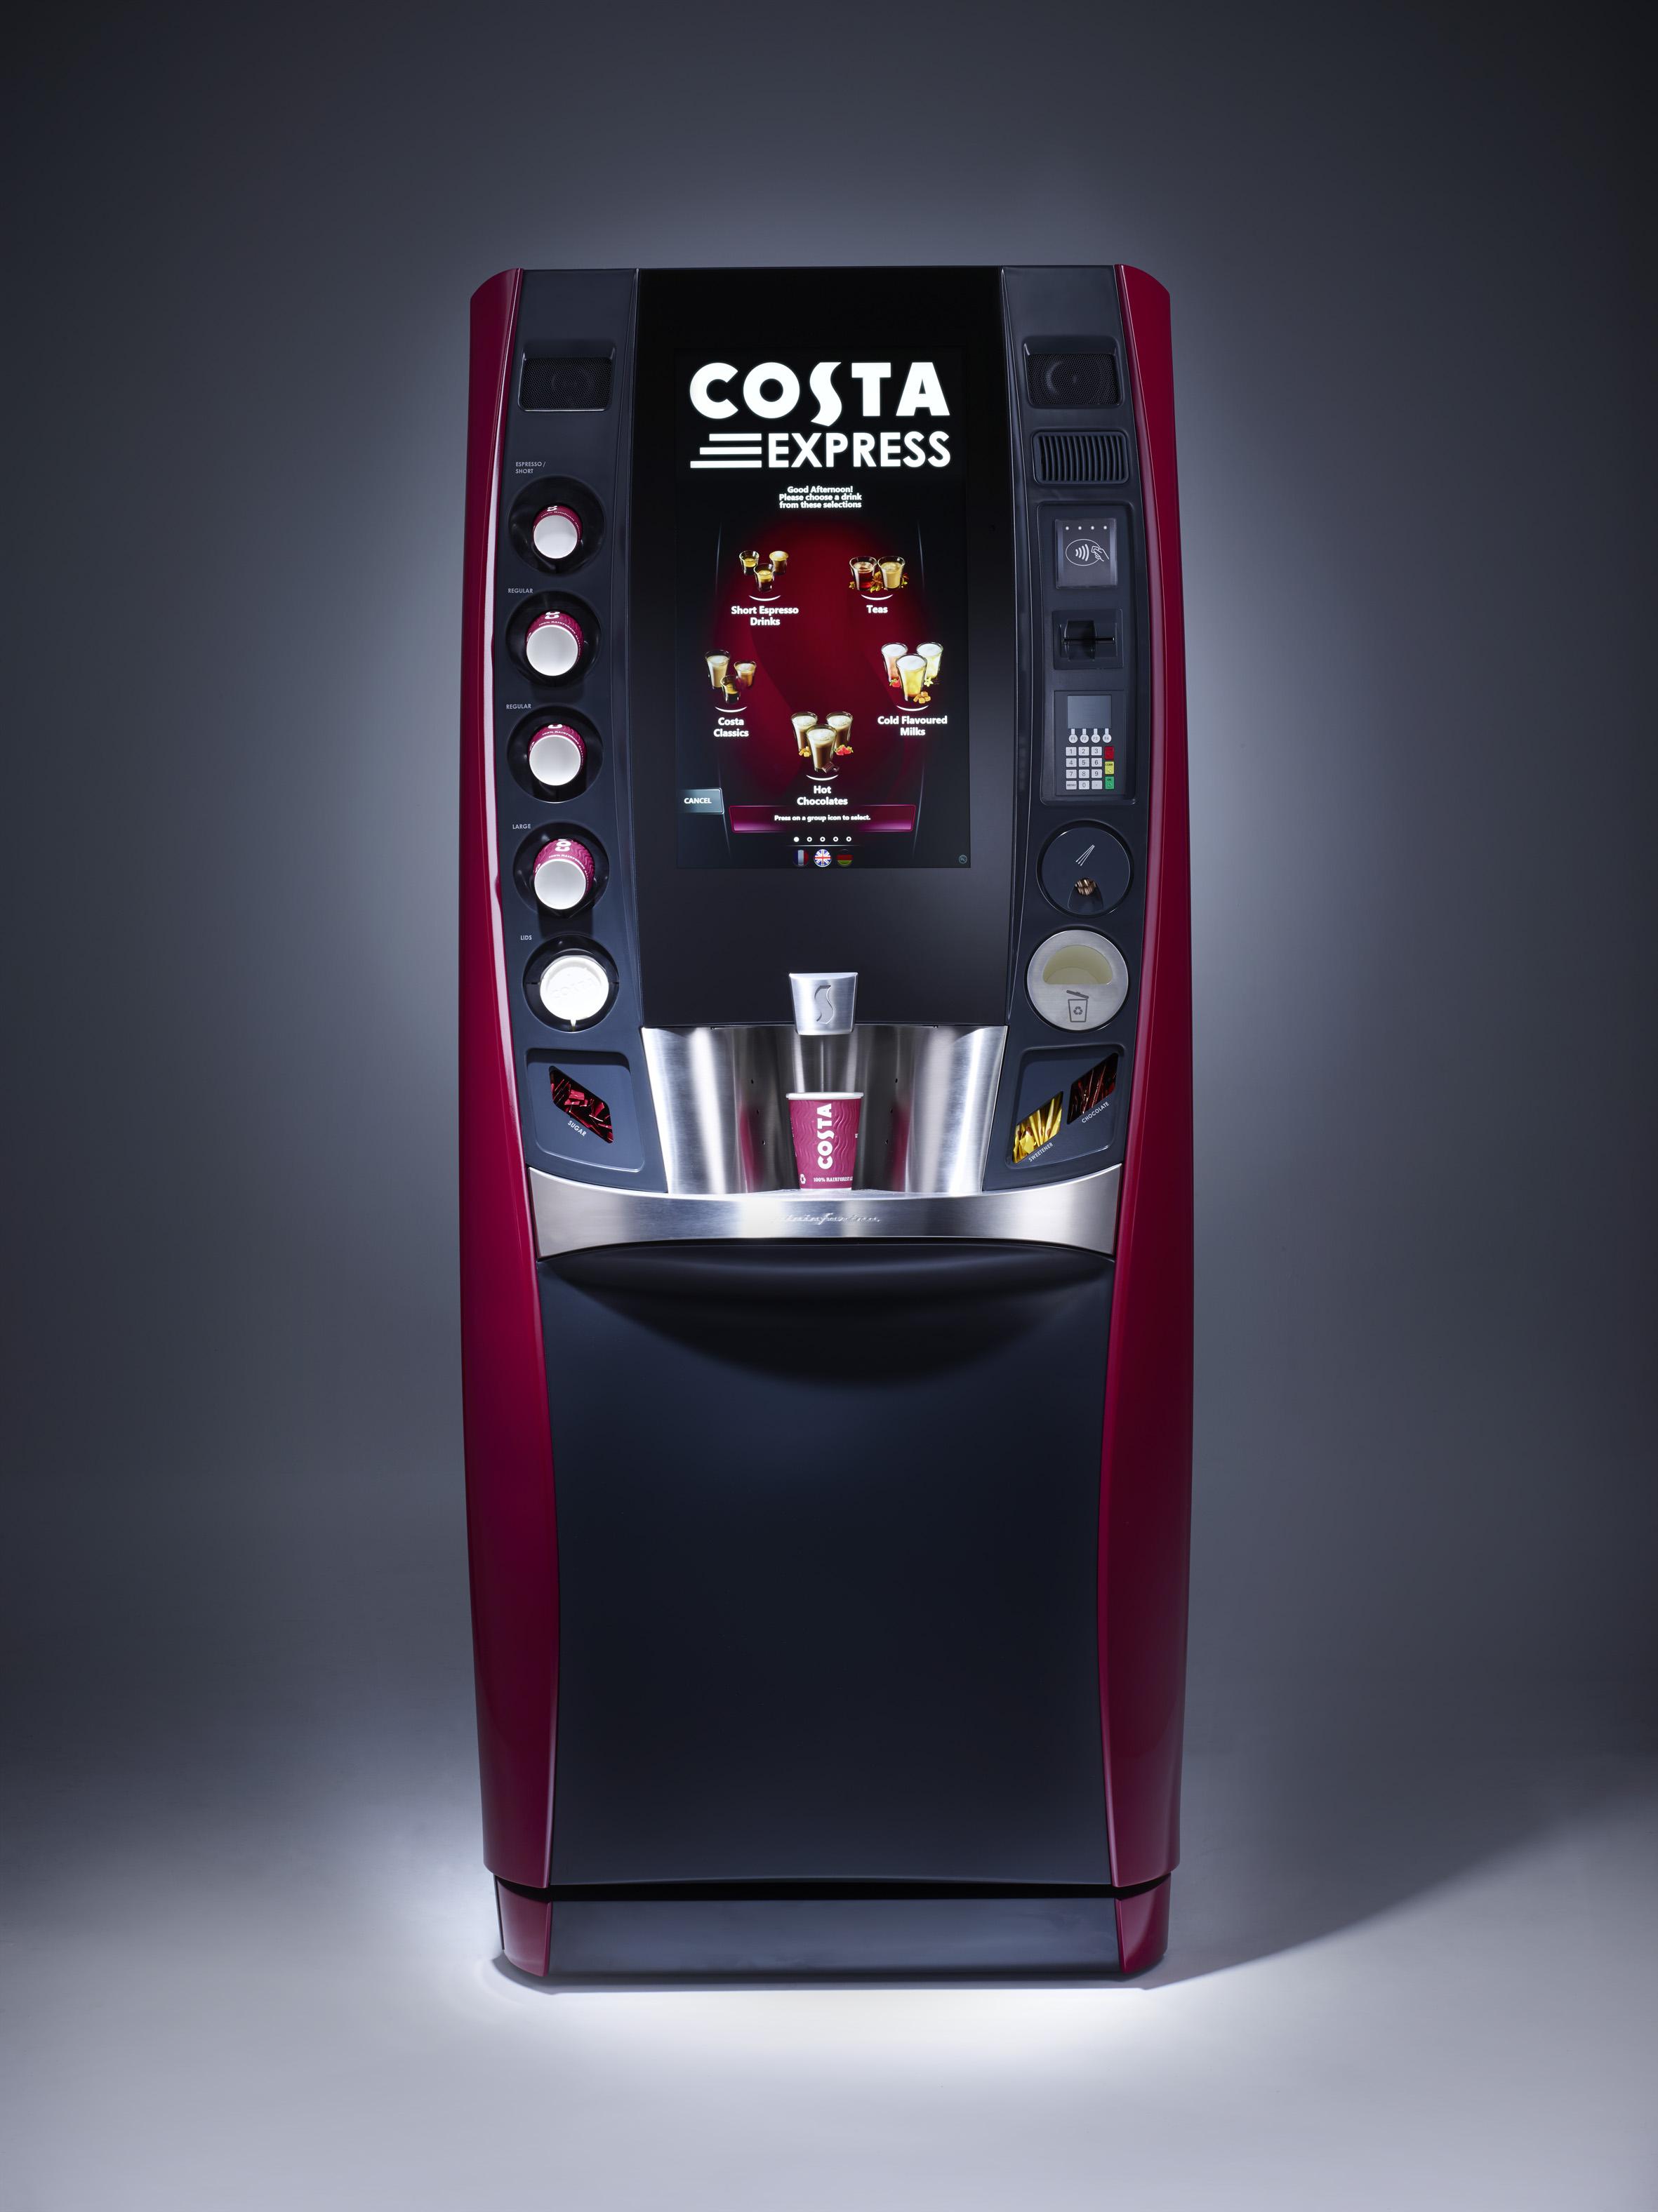 фото кофе аппарата вендингового сенсорный винтажную стилистику